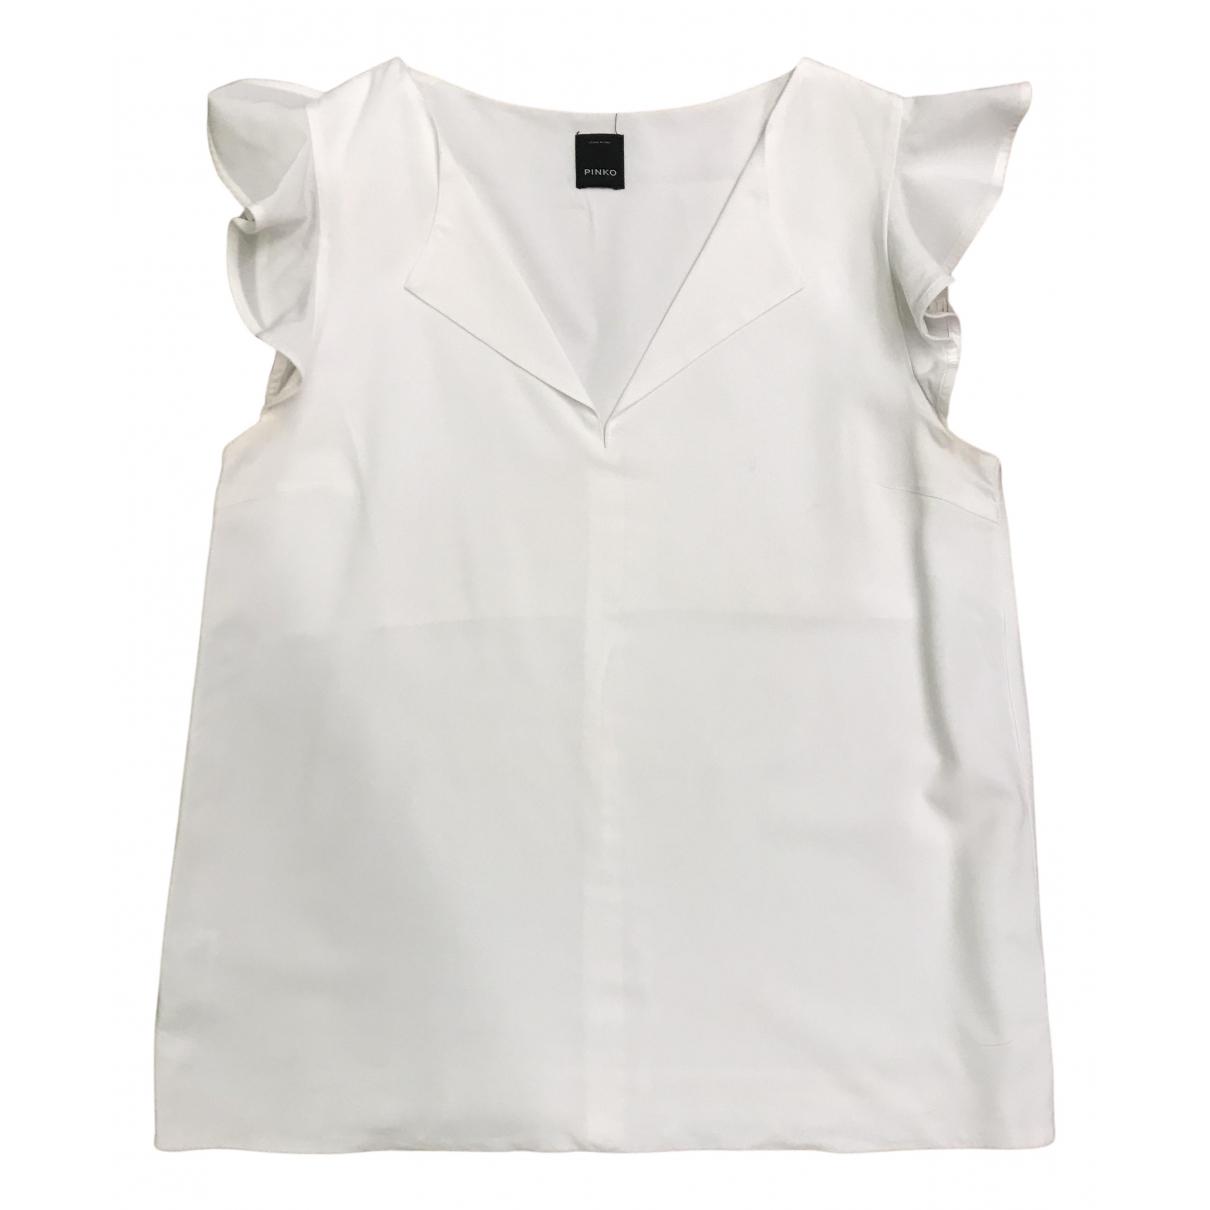 Pinko - Top   pour femme - blanc